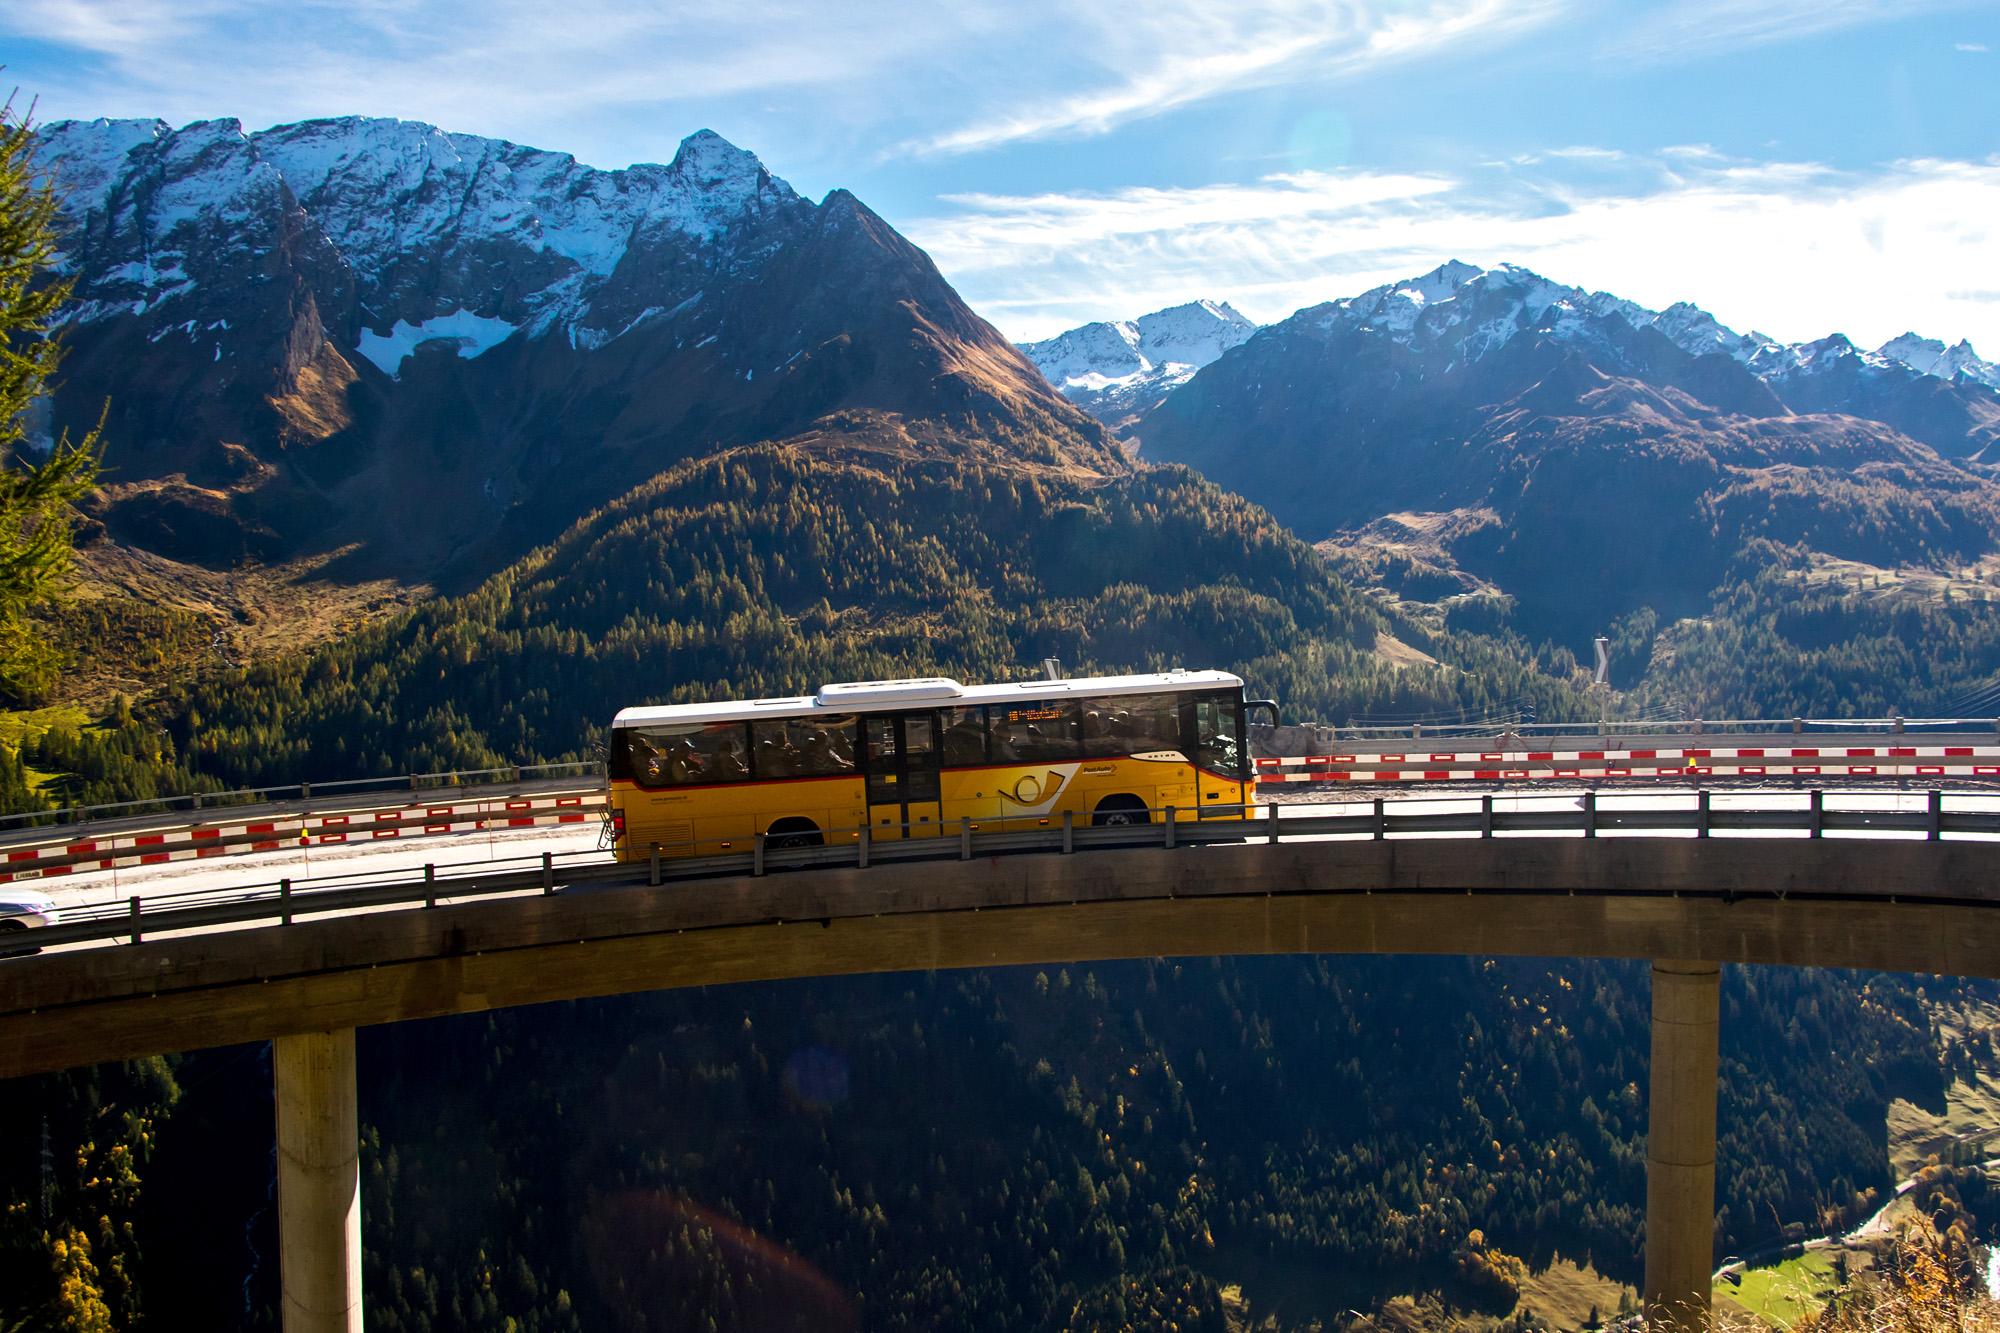 Um trotz des steilen Terrains am Gotthard weite Kurvenradien zu erreichen, waren einige Kunstgriffe nötig - so scheint das Postauto hier über dem Abgrund zu schweben...